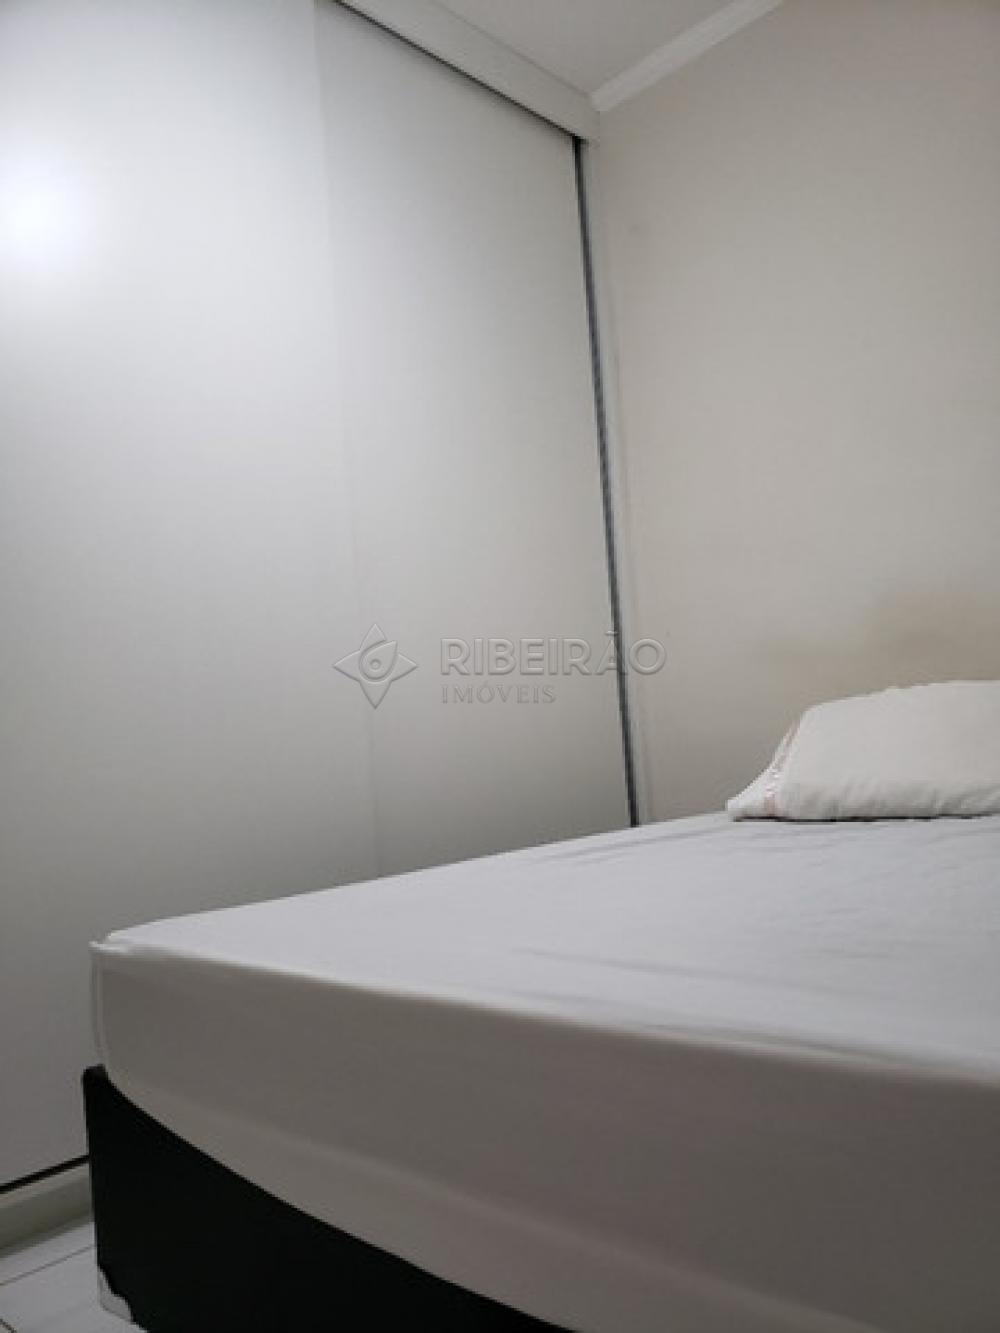 Comprar Apartamento / Padrão em Ribeirão Preto apenas R$ 141.000,00 - Foto 7